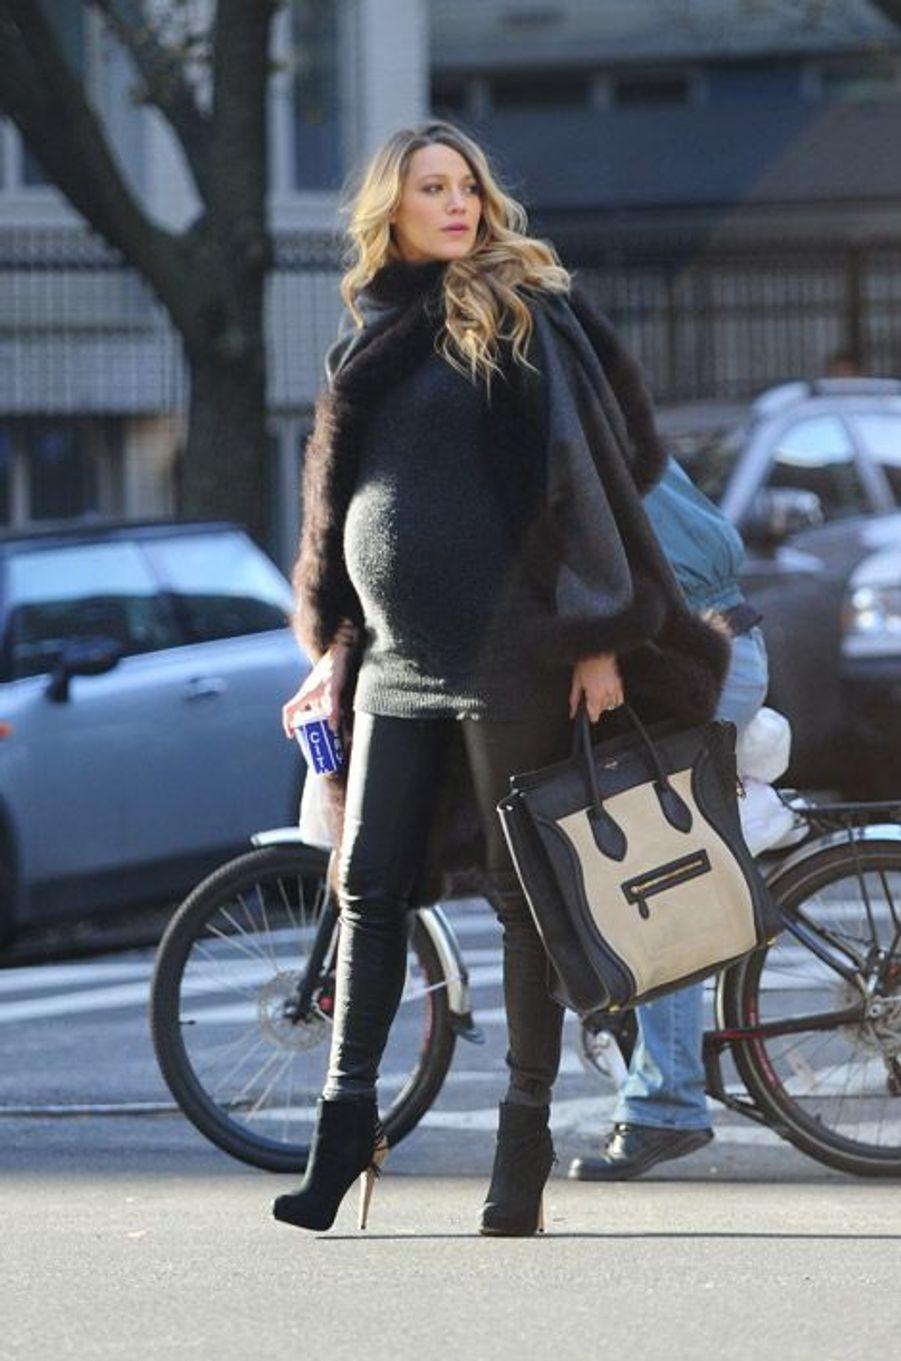 L'actrice Blake Lively quelques jours avant son accouchement, le 8 décembre 2014 à New York